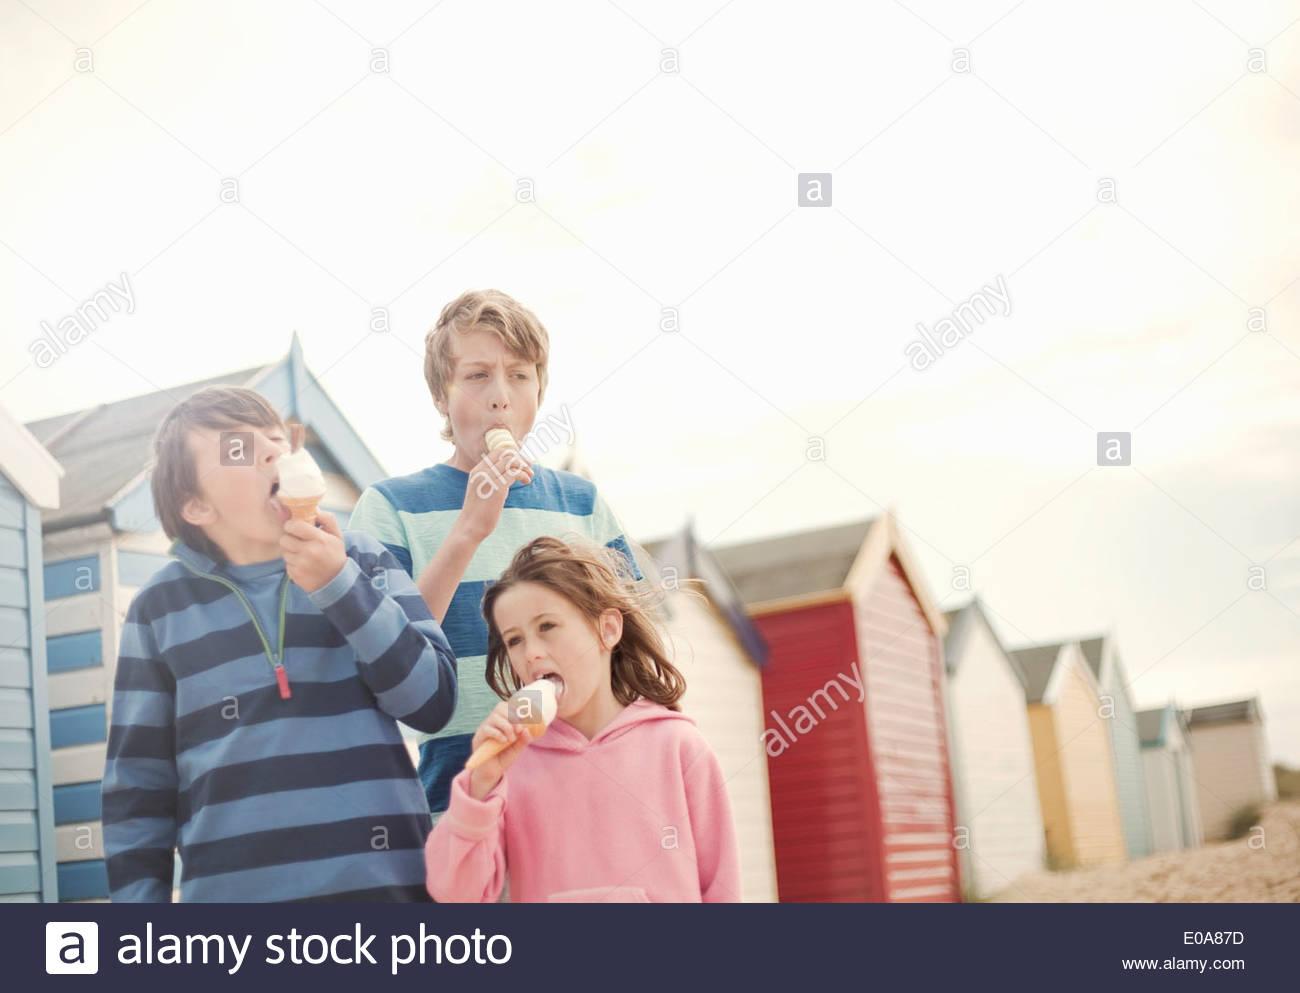 Três crianças ao lado de cabanas de praia comer gelados cones, Rochdale, Sussex, Reino Unido Imagens de Stock